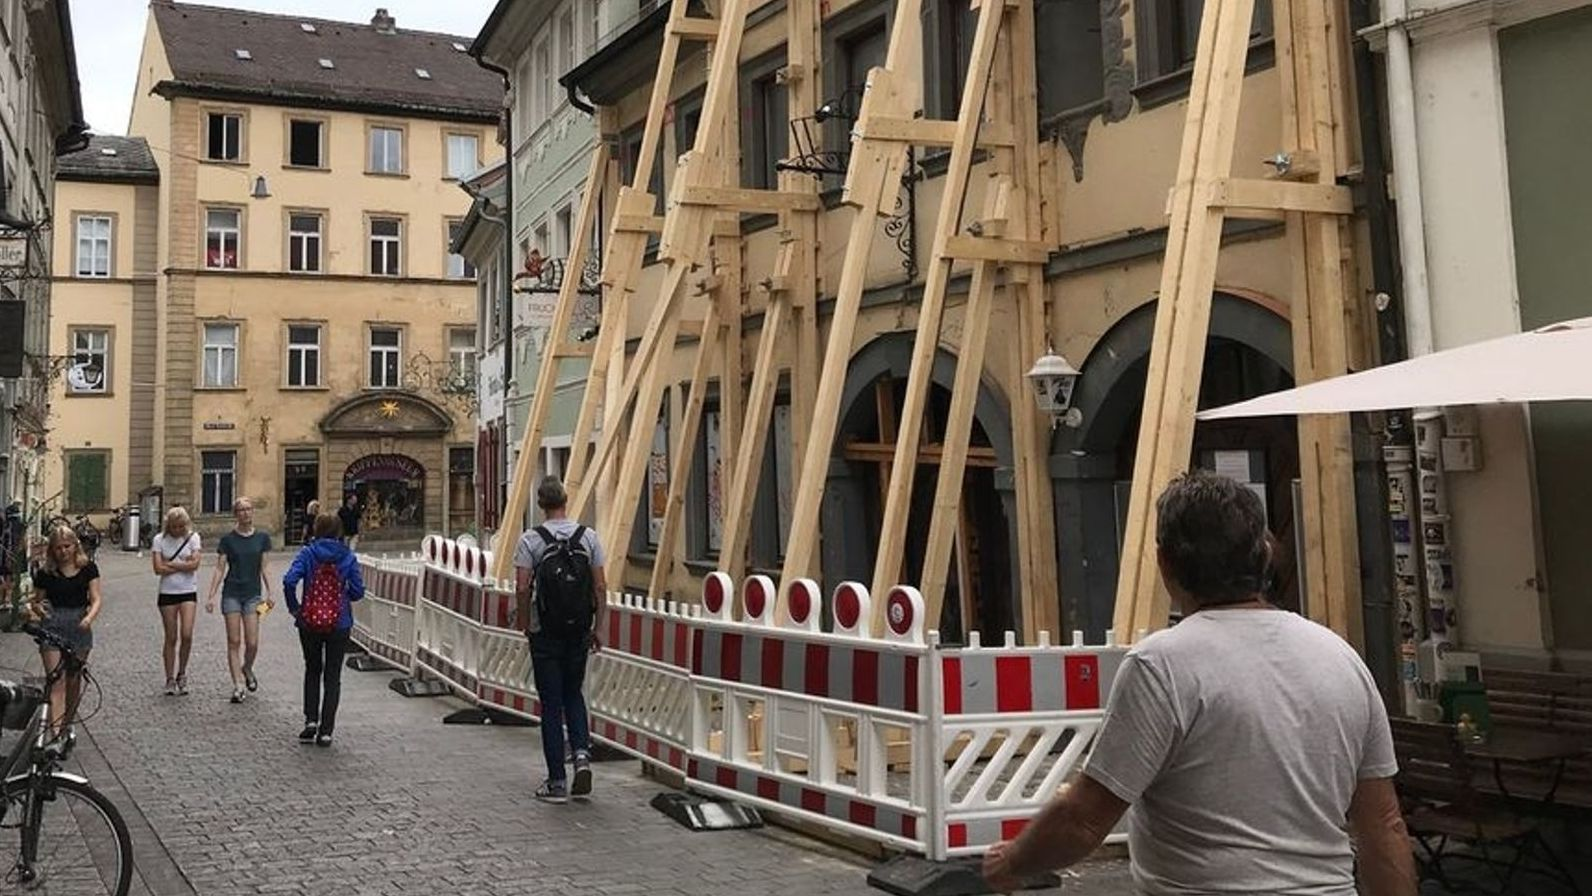 Das denkmalgeschützte Haus in Bamberg ist einsturzgefährdet